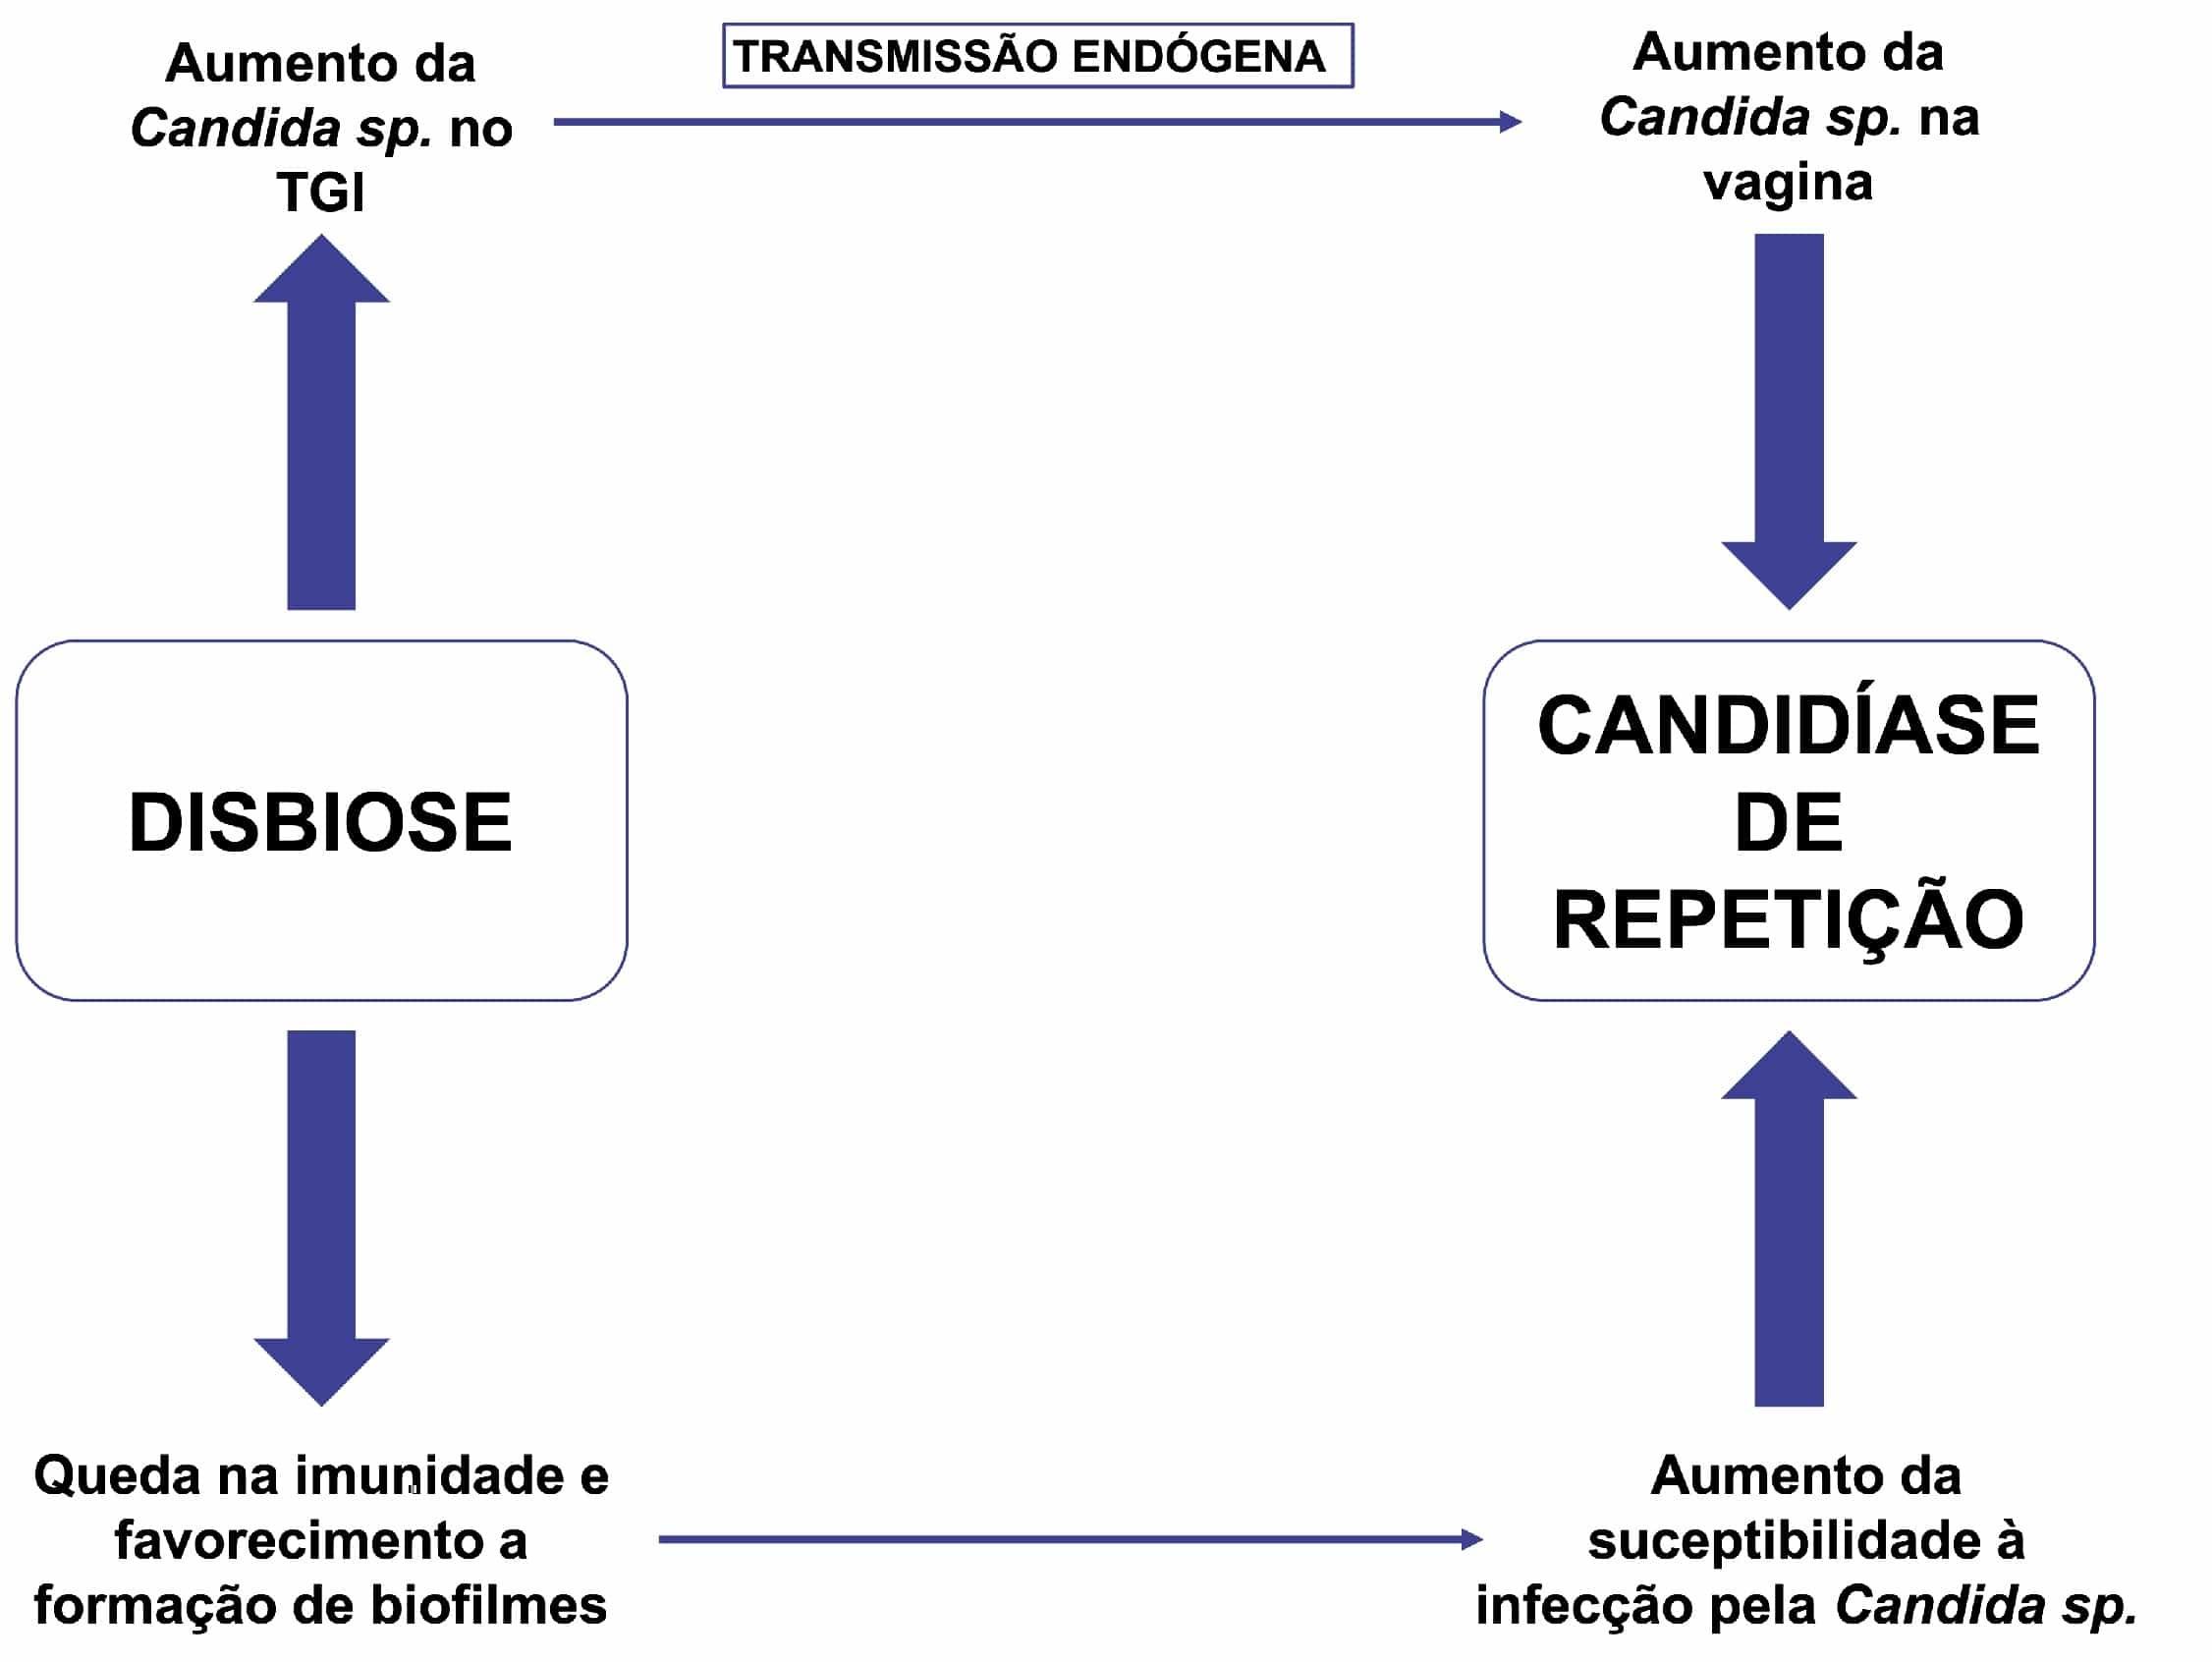 Candidíase de repetição: uso de probióticos como terapia complementar -  PEBMED